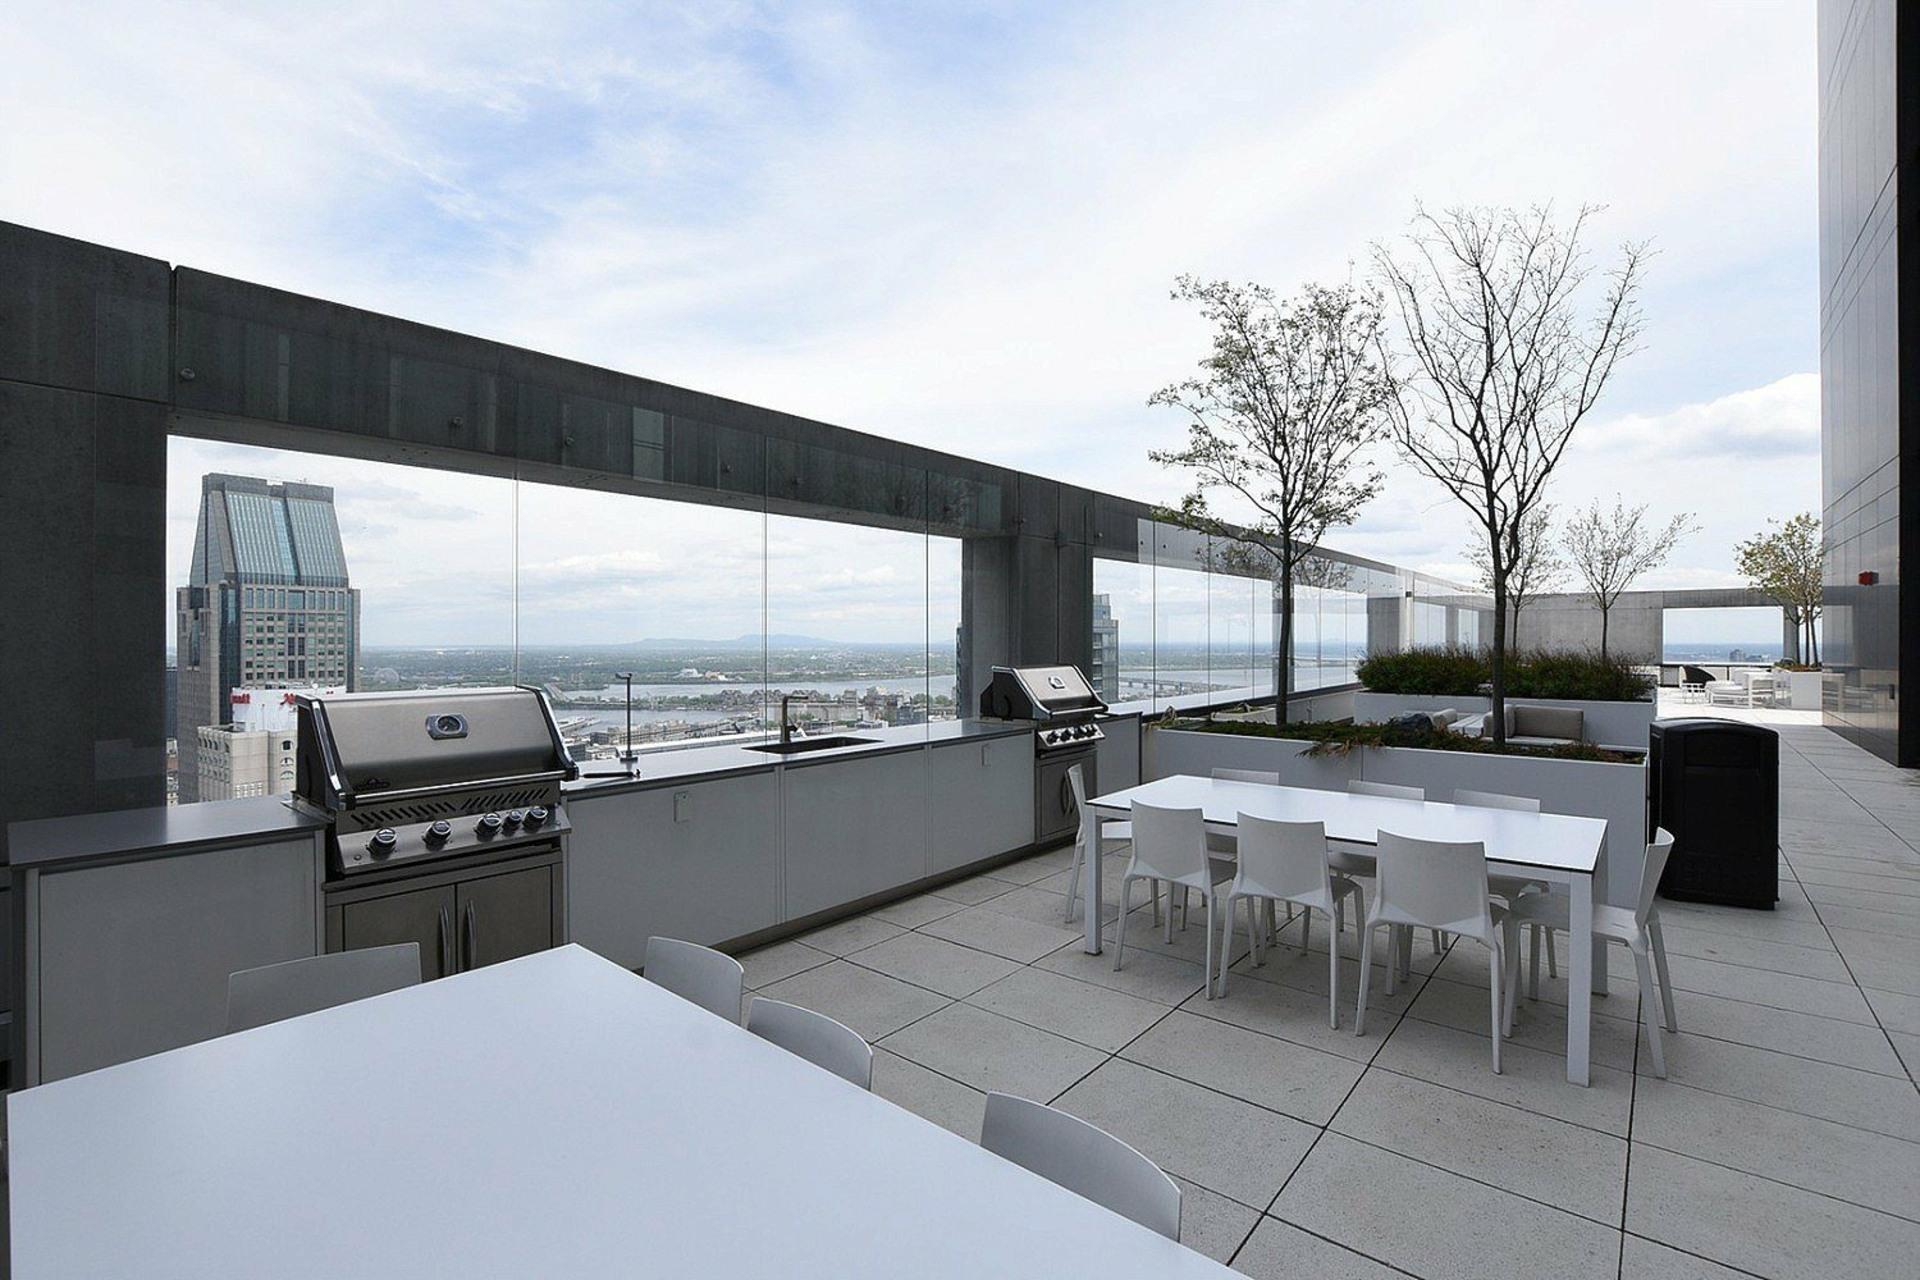 image 20 - Apartment For sale Ville-Marie Montréal  - 7 rooms